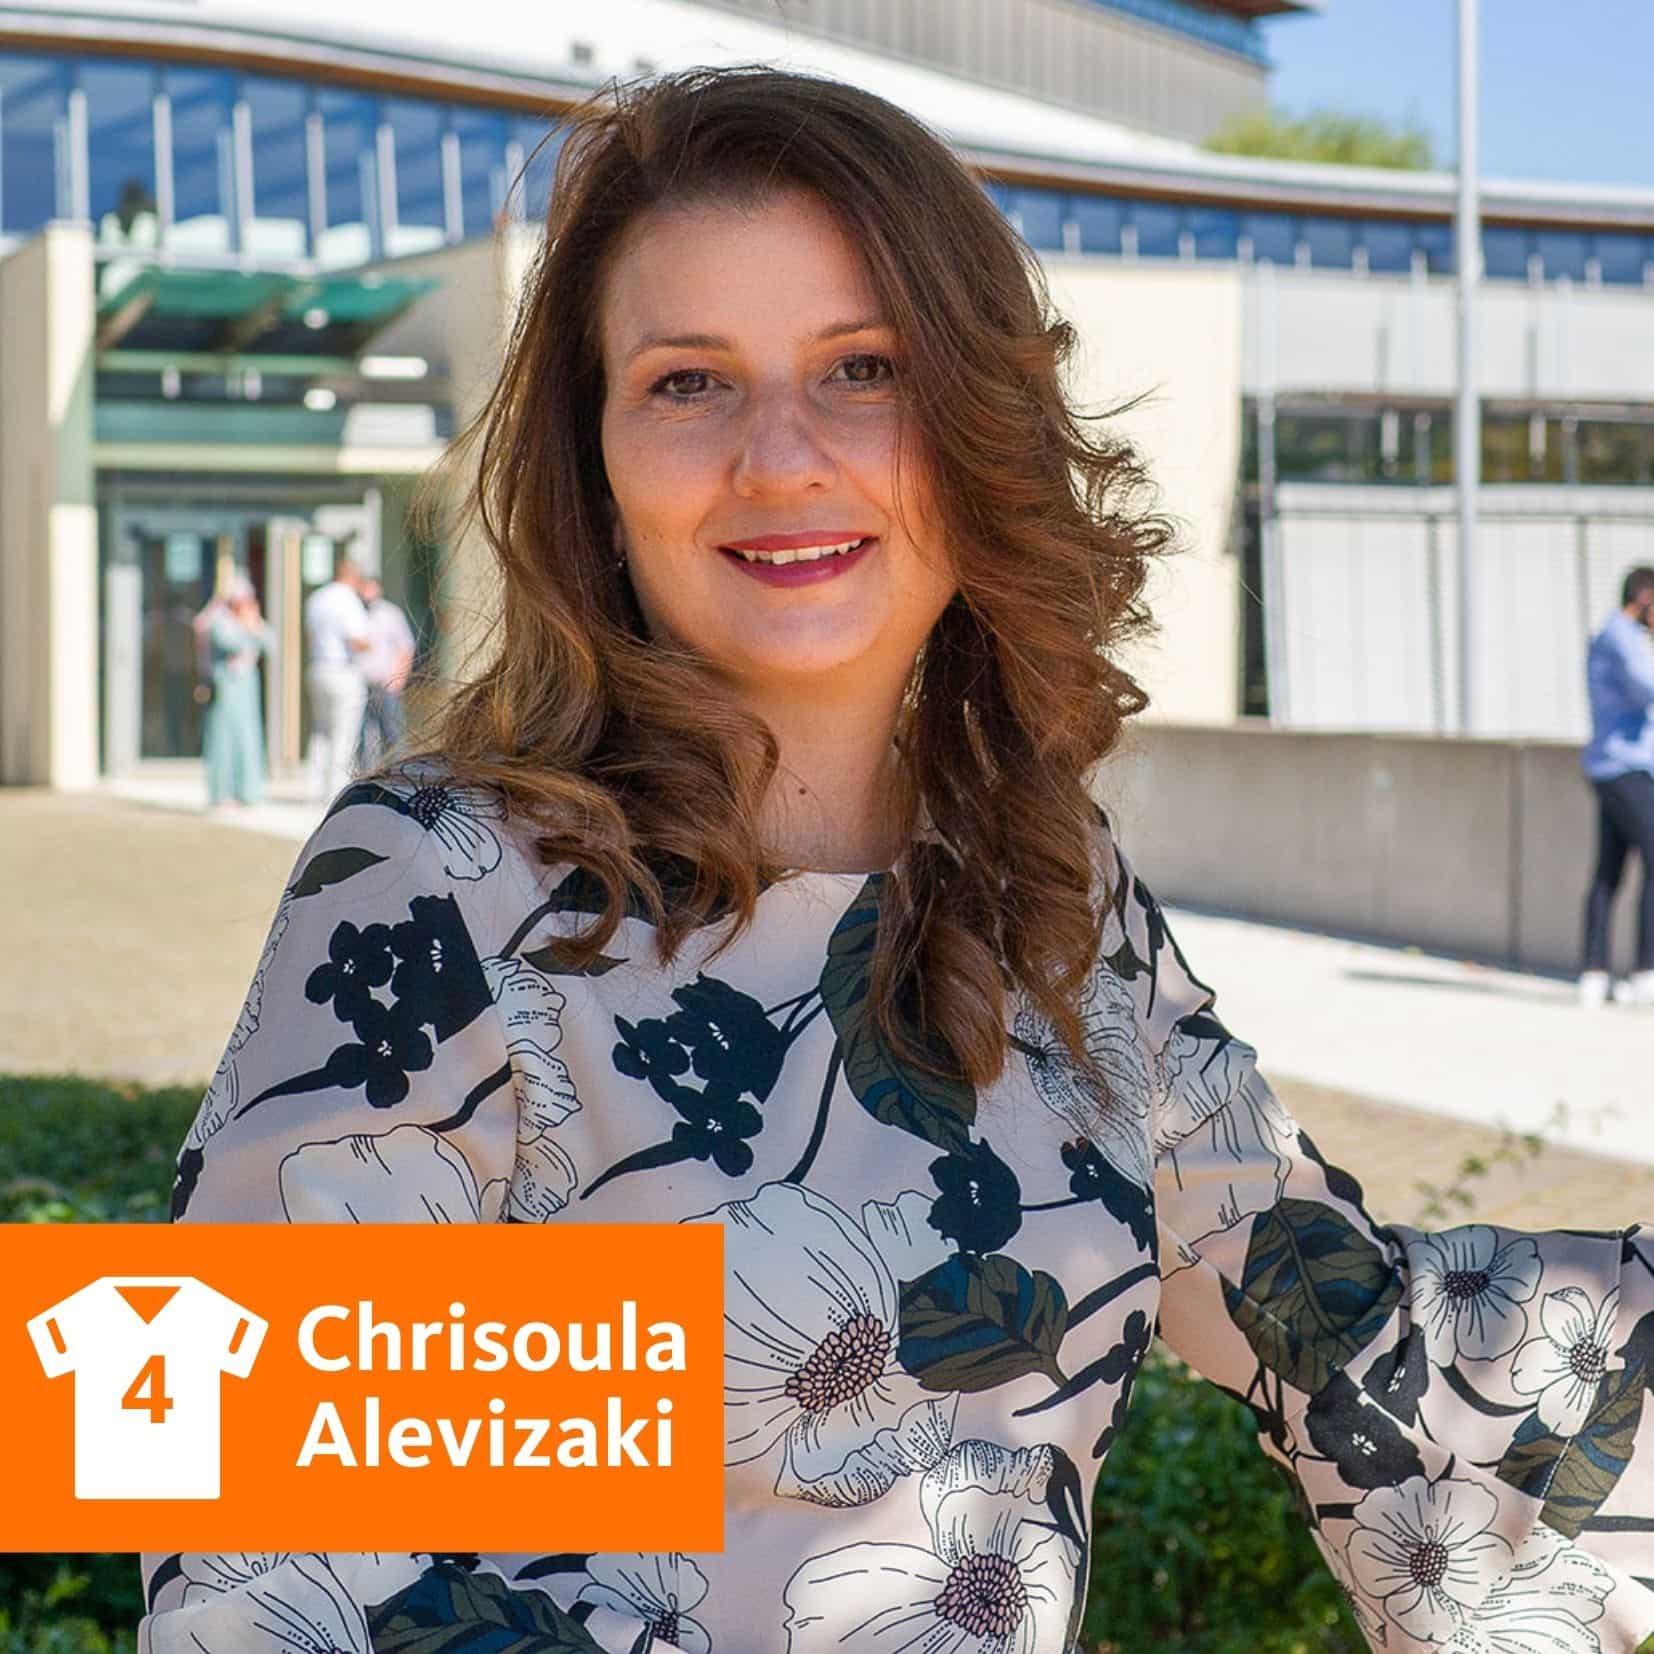 Chrysoula Alevizaki